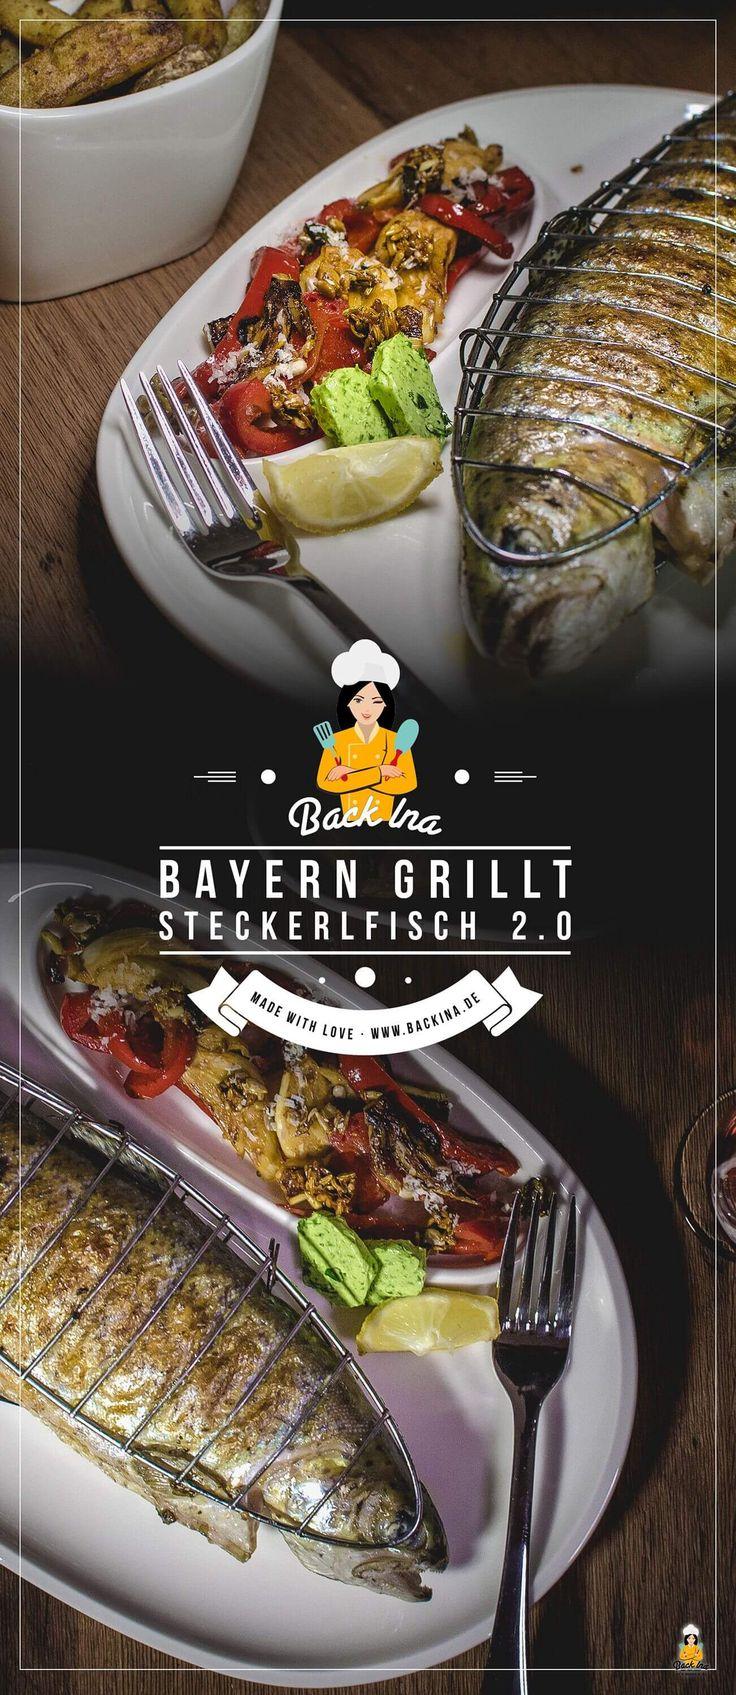 Steckerlfisch, die typisch bayerische Spezialität, kannst du leicht selber machen: Forelle mit Kräuter-Marinade und Chili-Marinade vom Grill mit Grillgemüse-Salat und selbstgemachten Pommes vom Grill. Gesund und lecker! | Backina.de